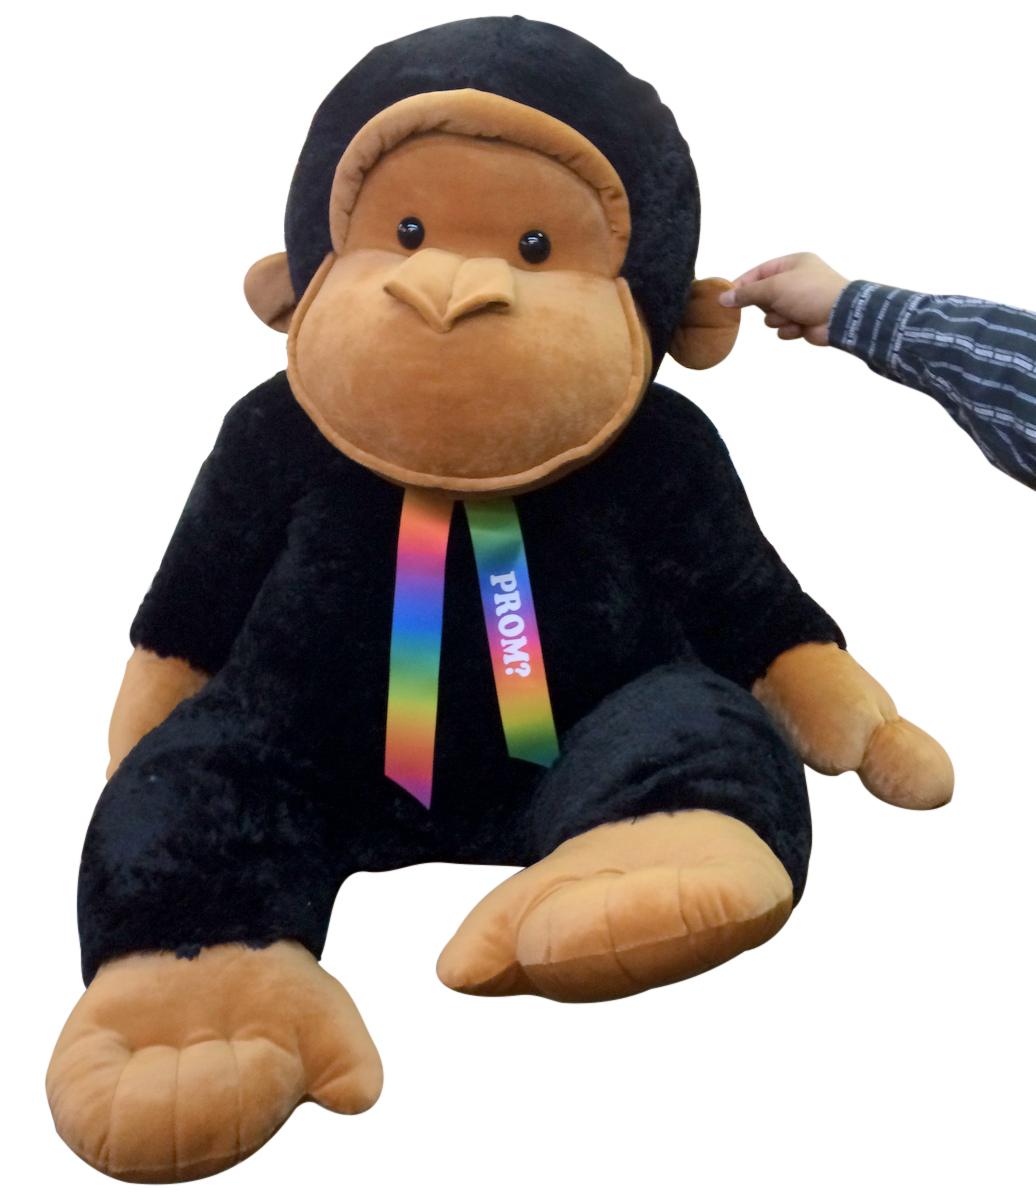 Free neck-ribbon personalization of every stuffed animal at BigPlush.com